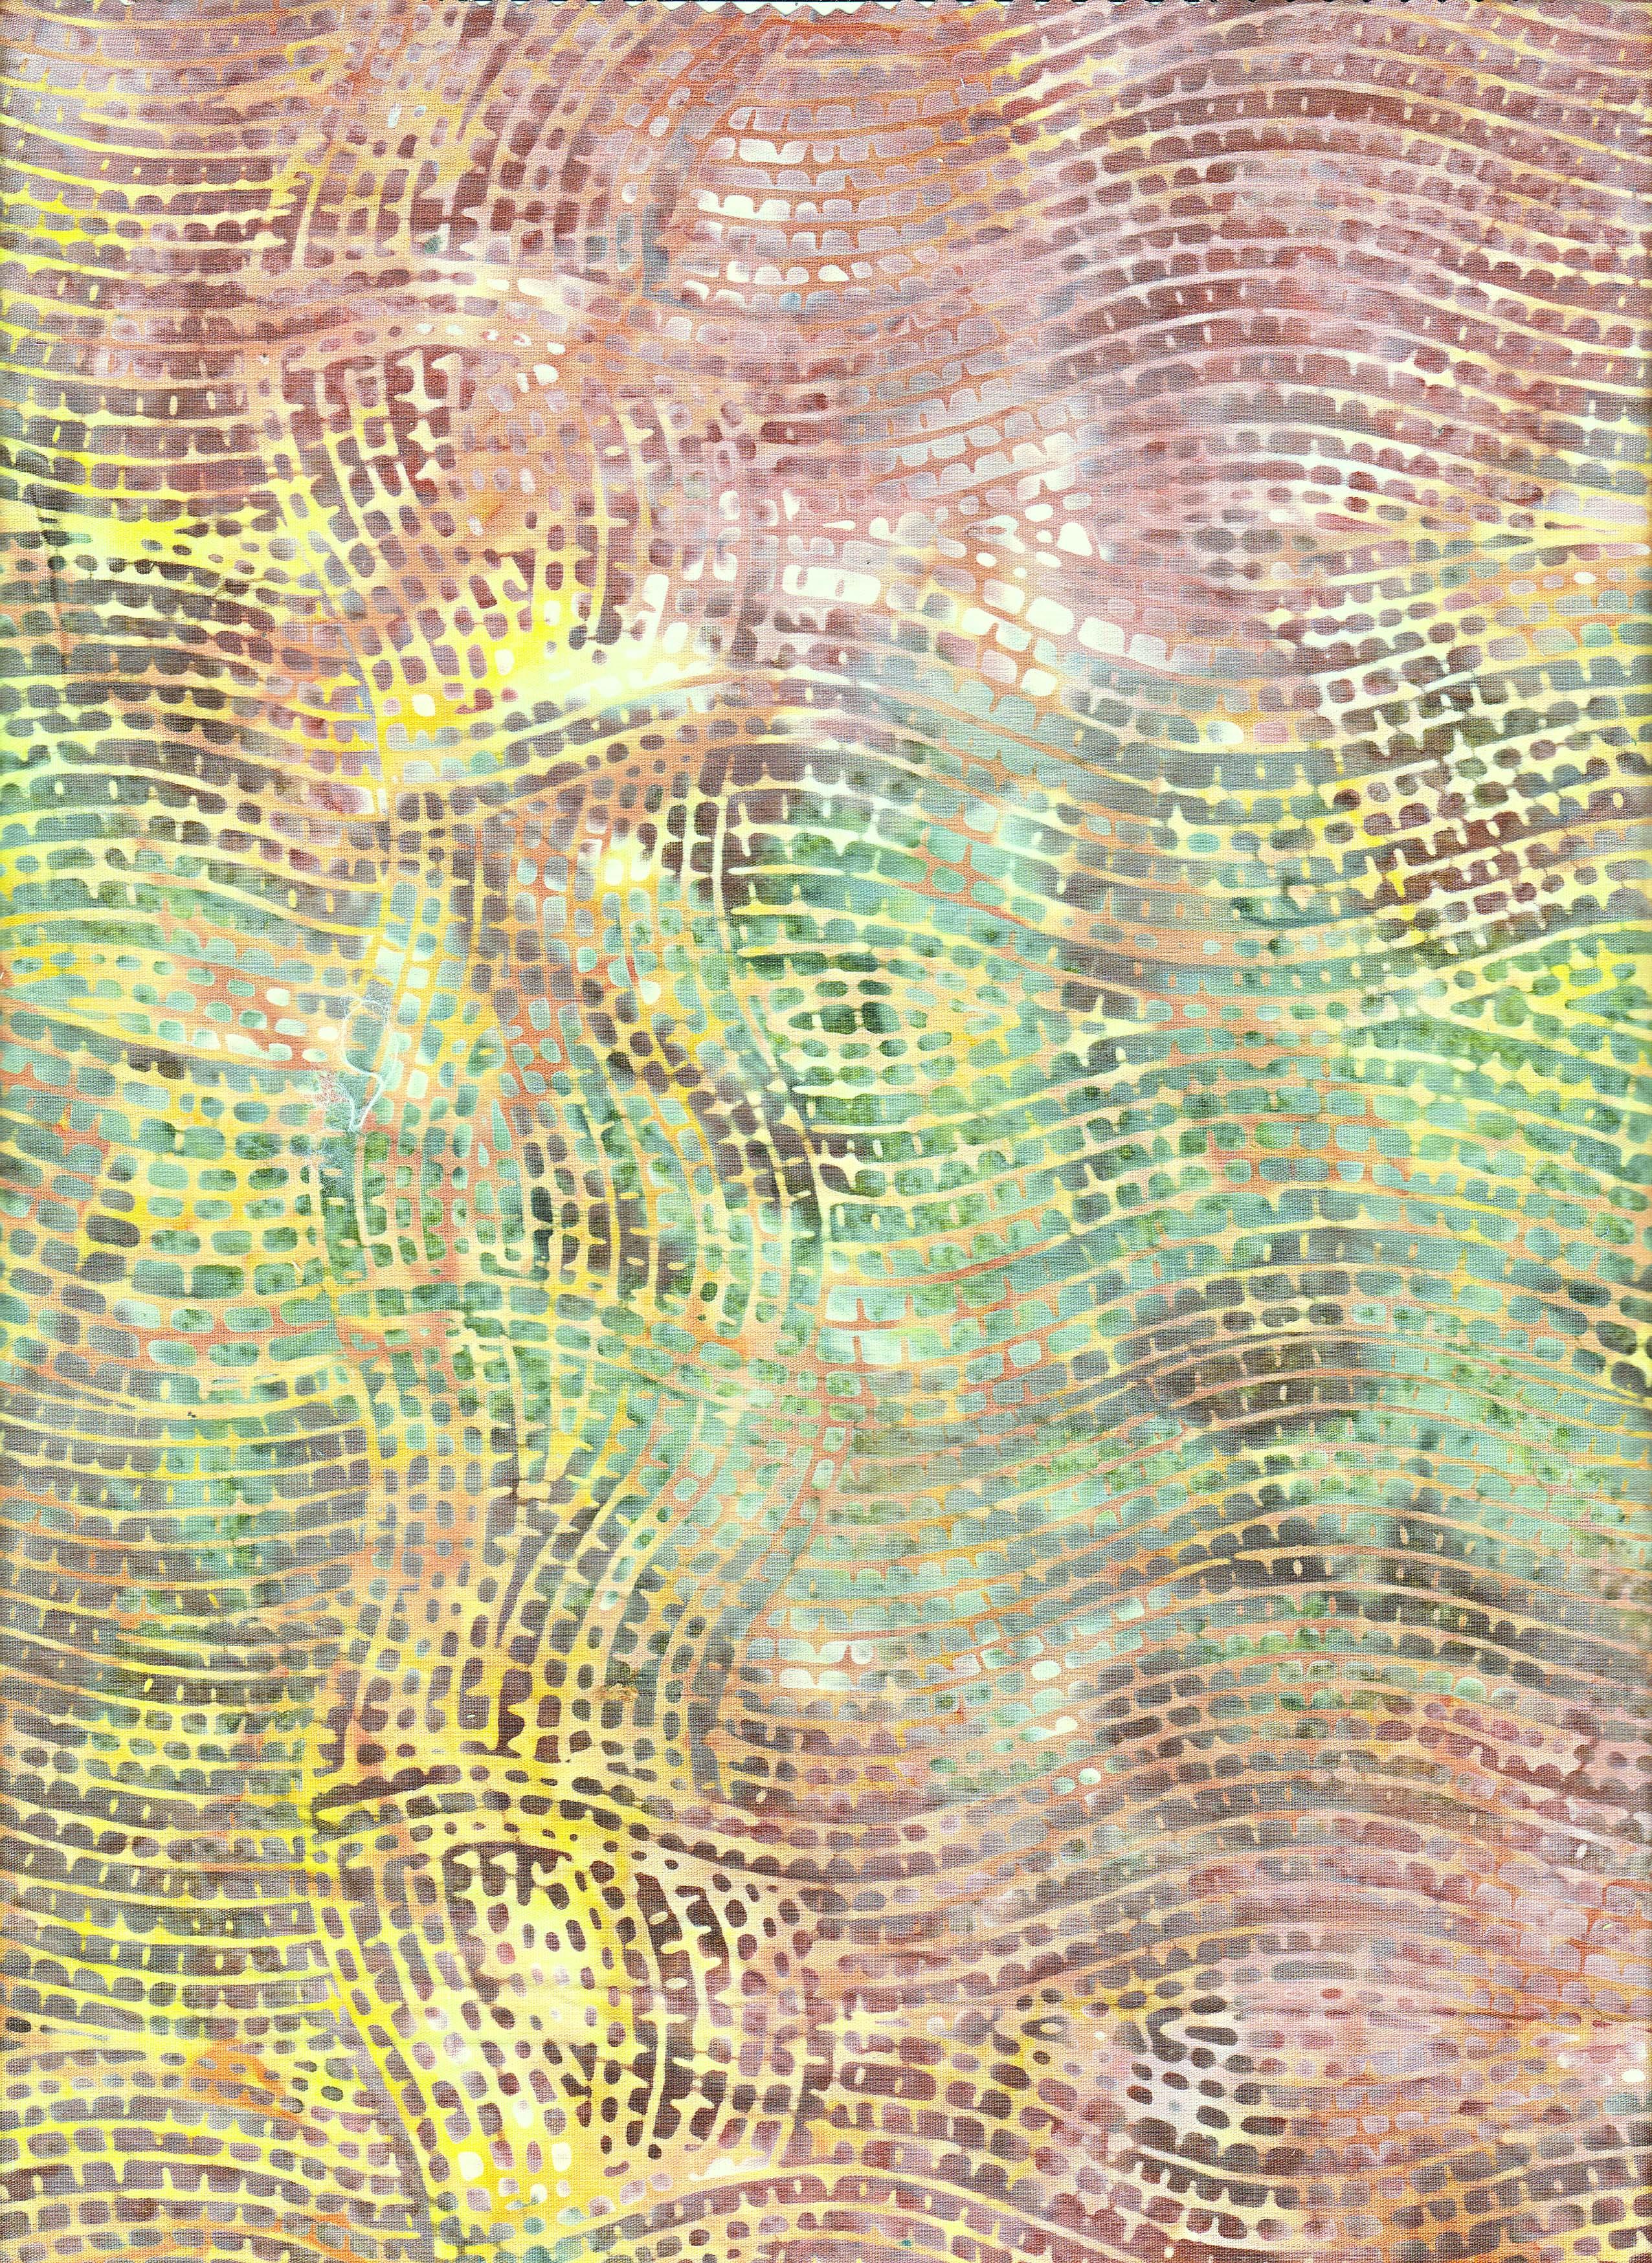 webbing indigo batik fabric